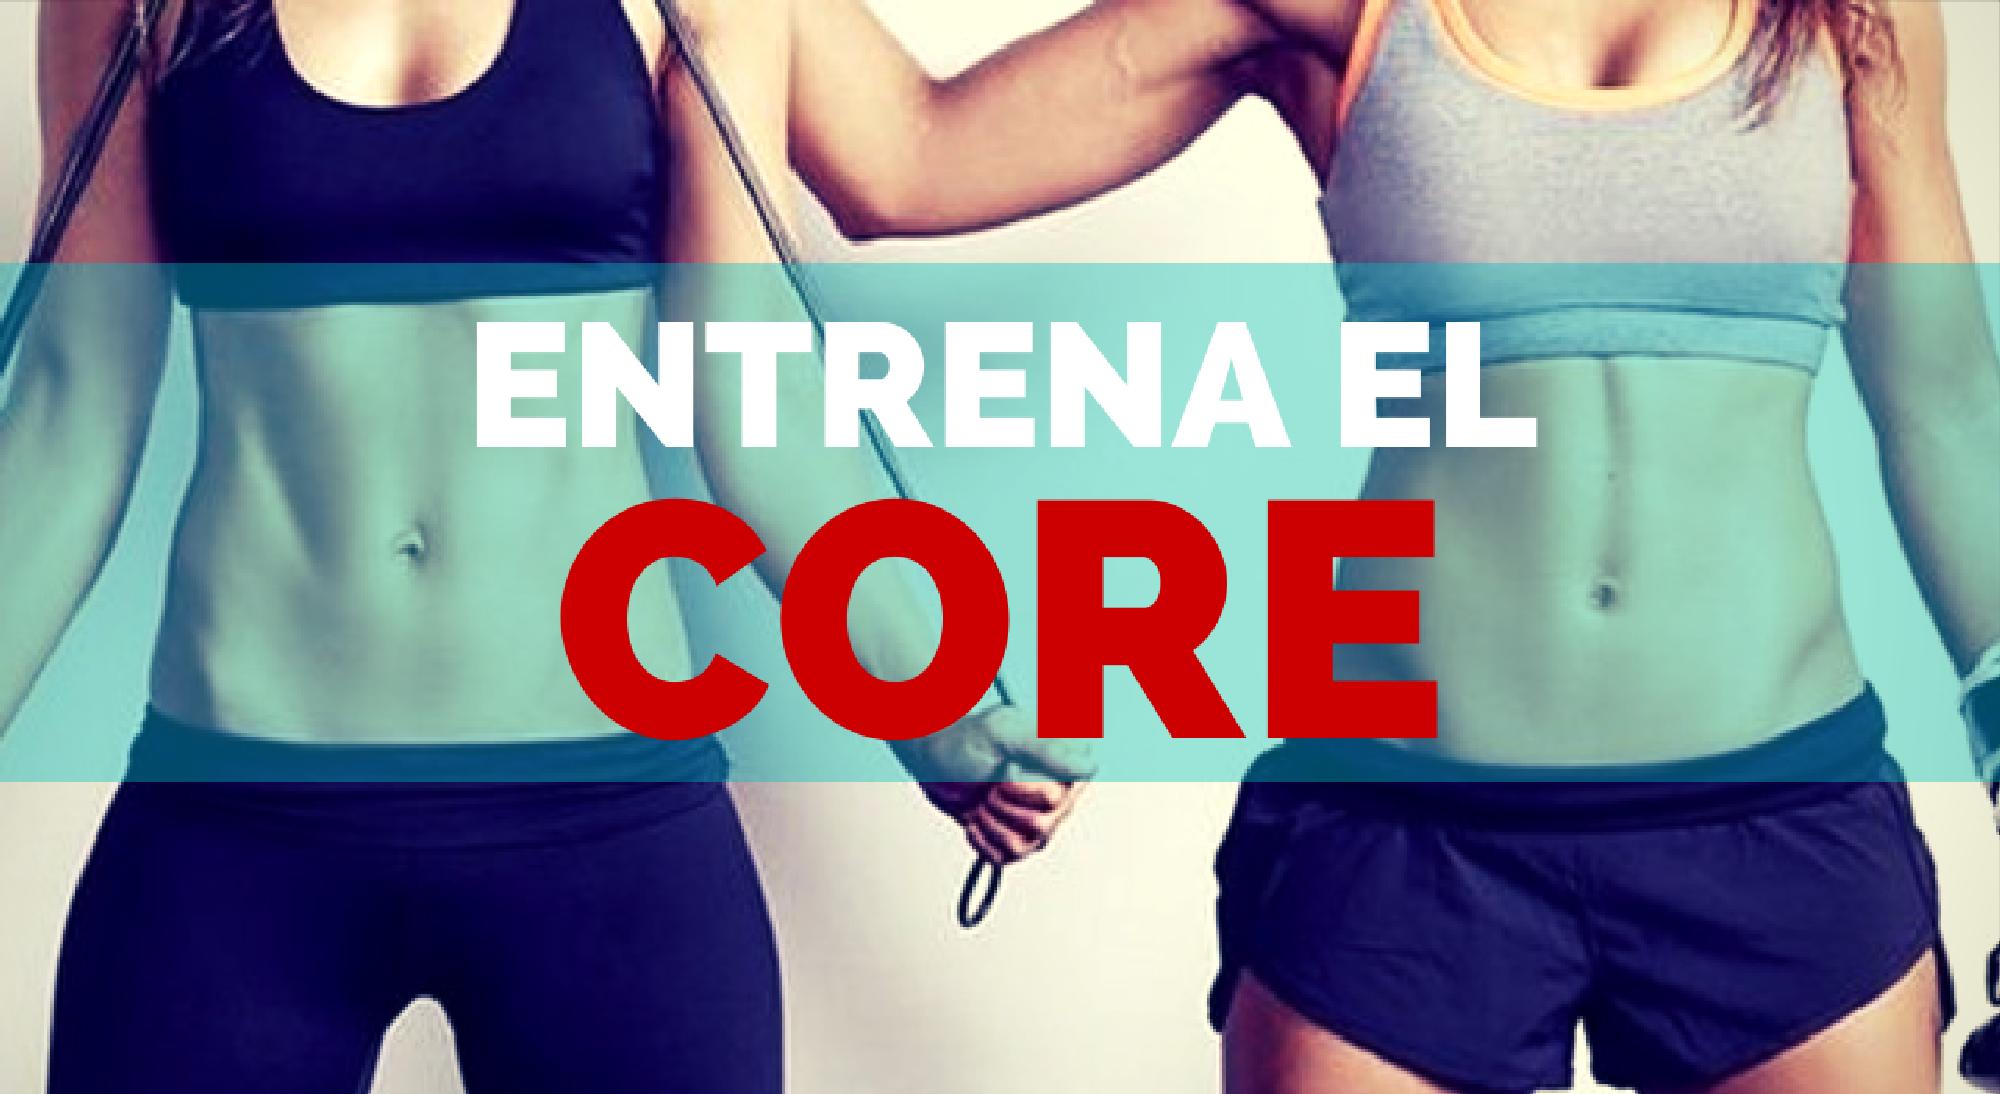 ENTRENA-SALUD-ENTRENA-EL-CORE-EJERCICIOS-PARA-EL-ABDOMEN